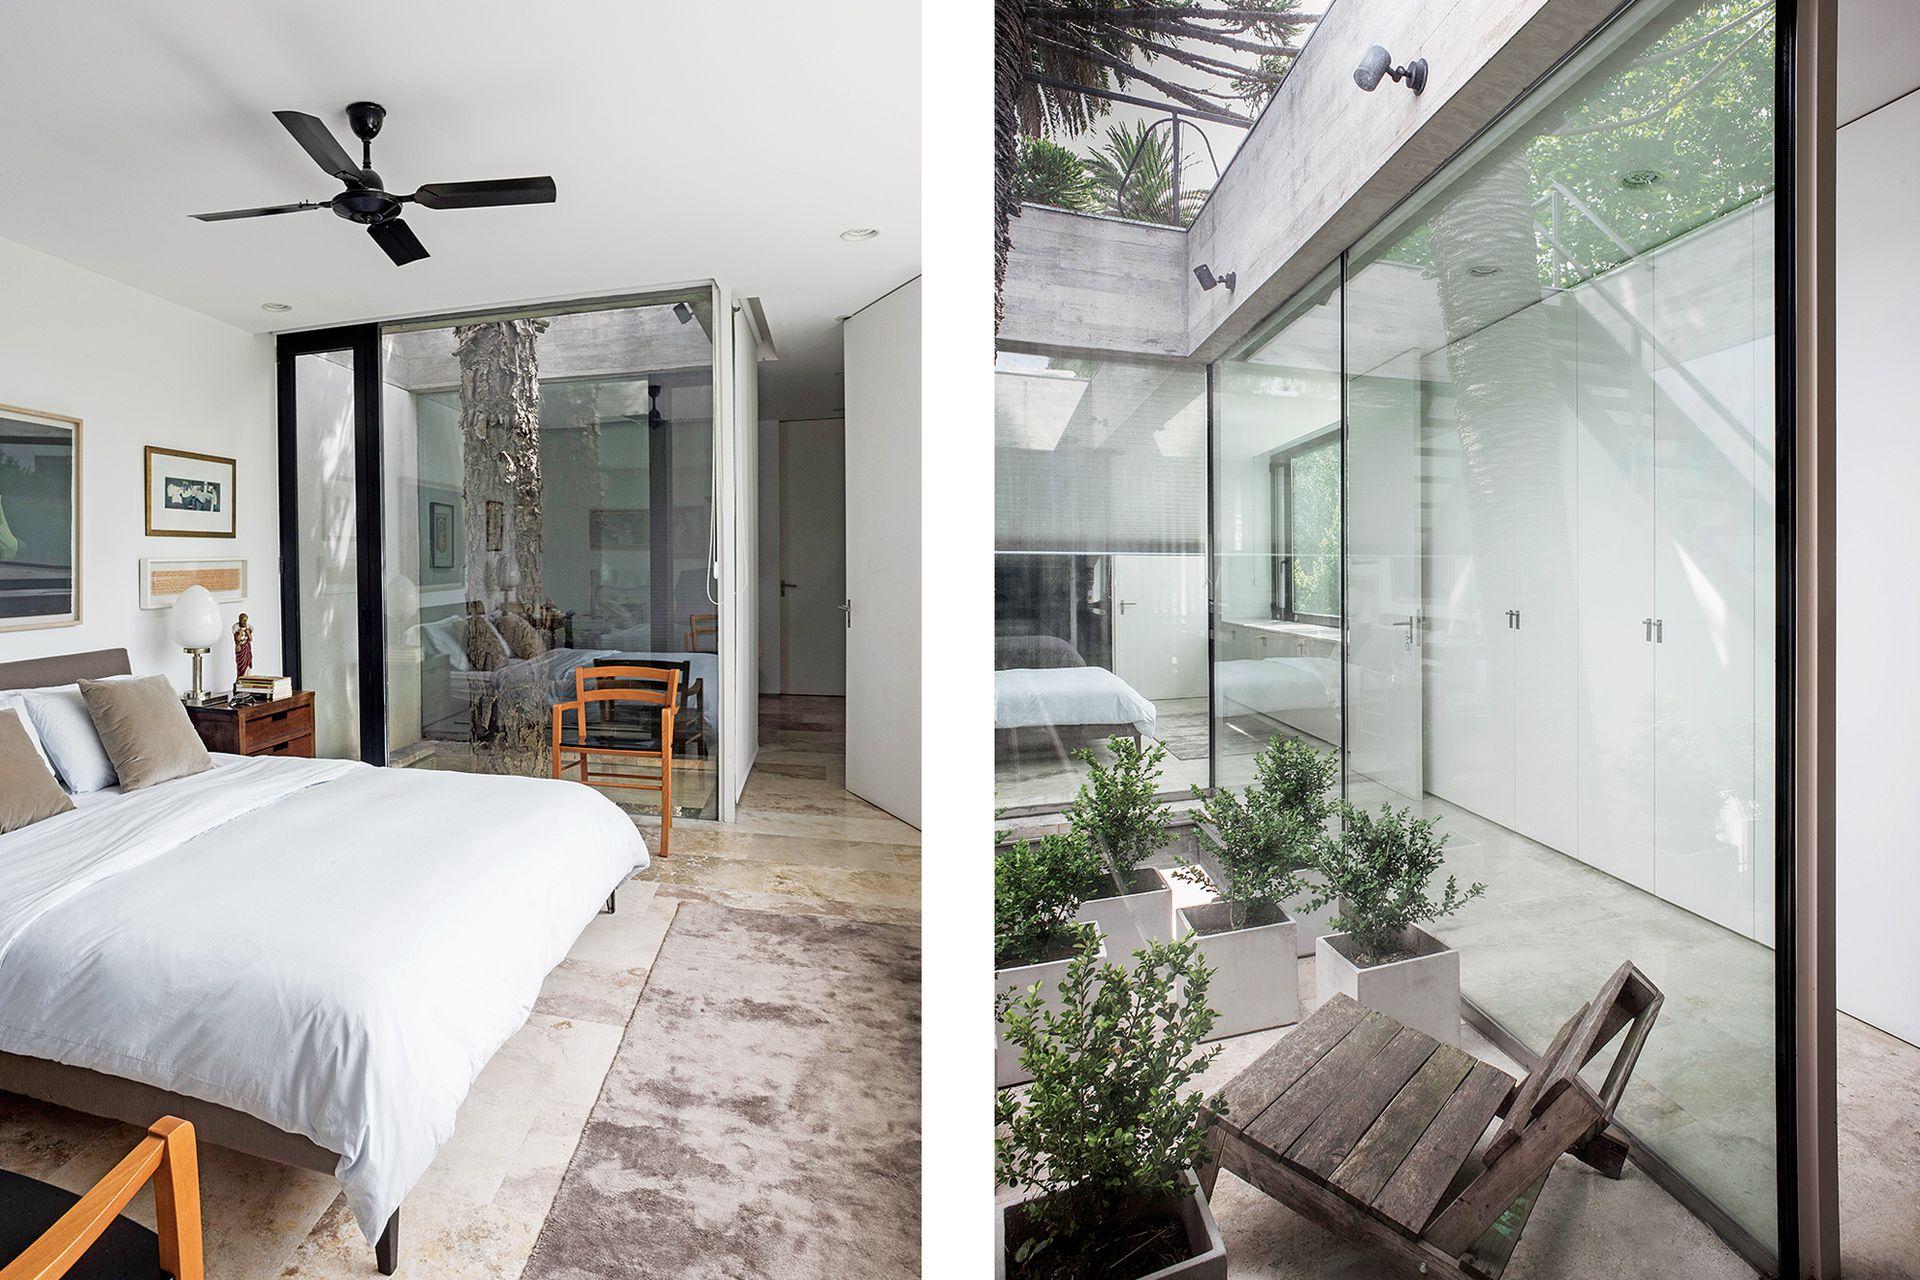 Los patios internos son vitrinas que exhiben las joyas de la casa: las palmeras y la araucaria. Además, desde uno de ellos se accede a la terraza verde. Cama (Federico Churba). El ventilador se compró en negro, del mismo color que las aberturas de aluminio.